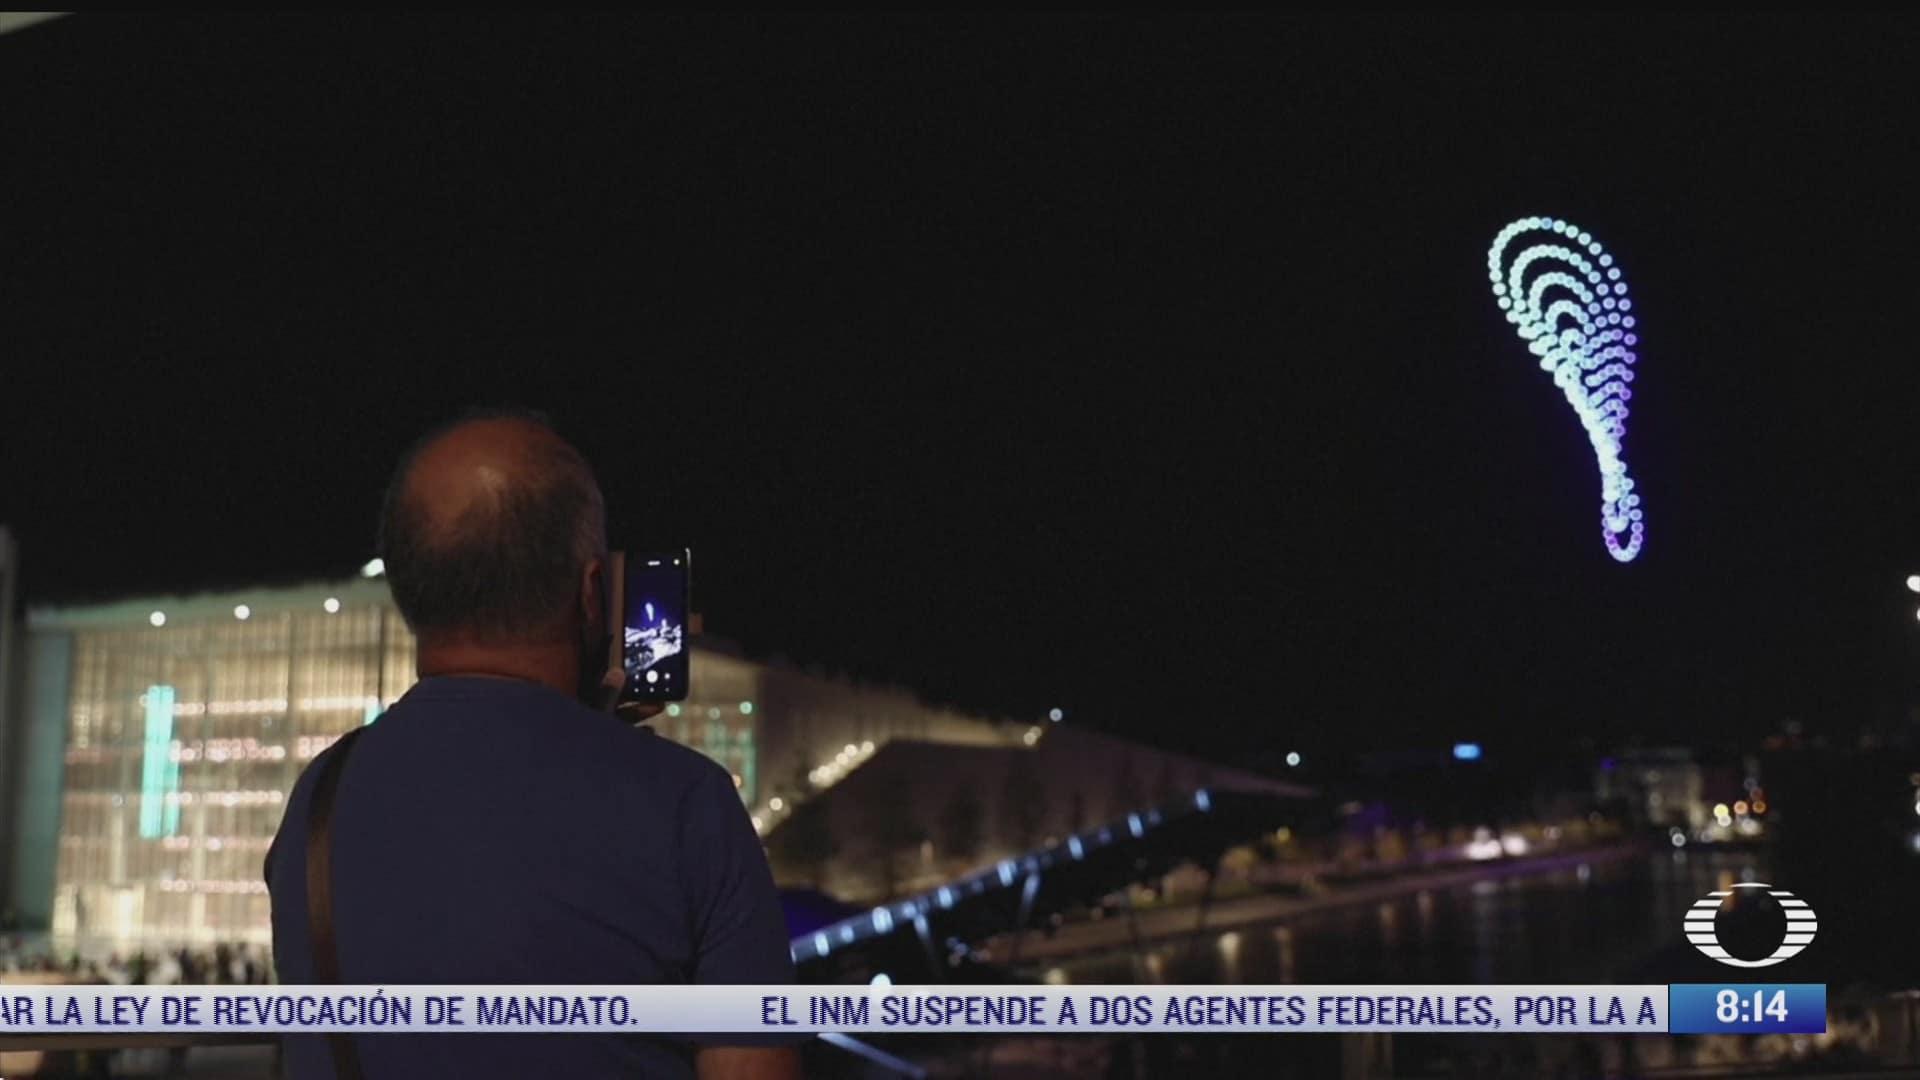 show nocturno de drones ilumina el cielo de grecia